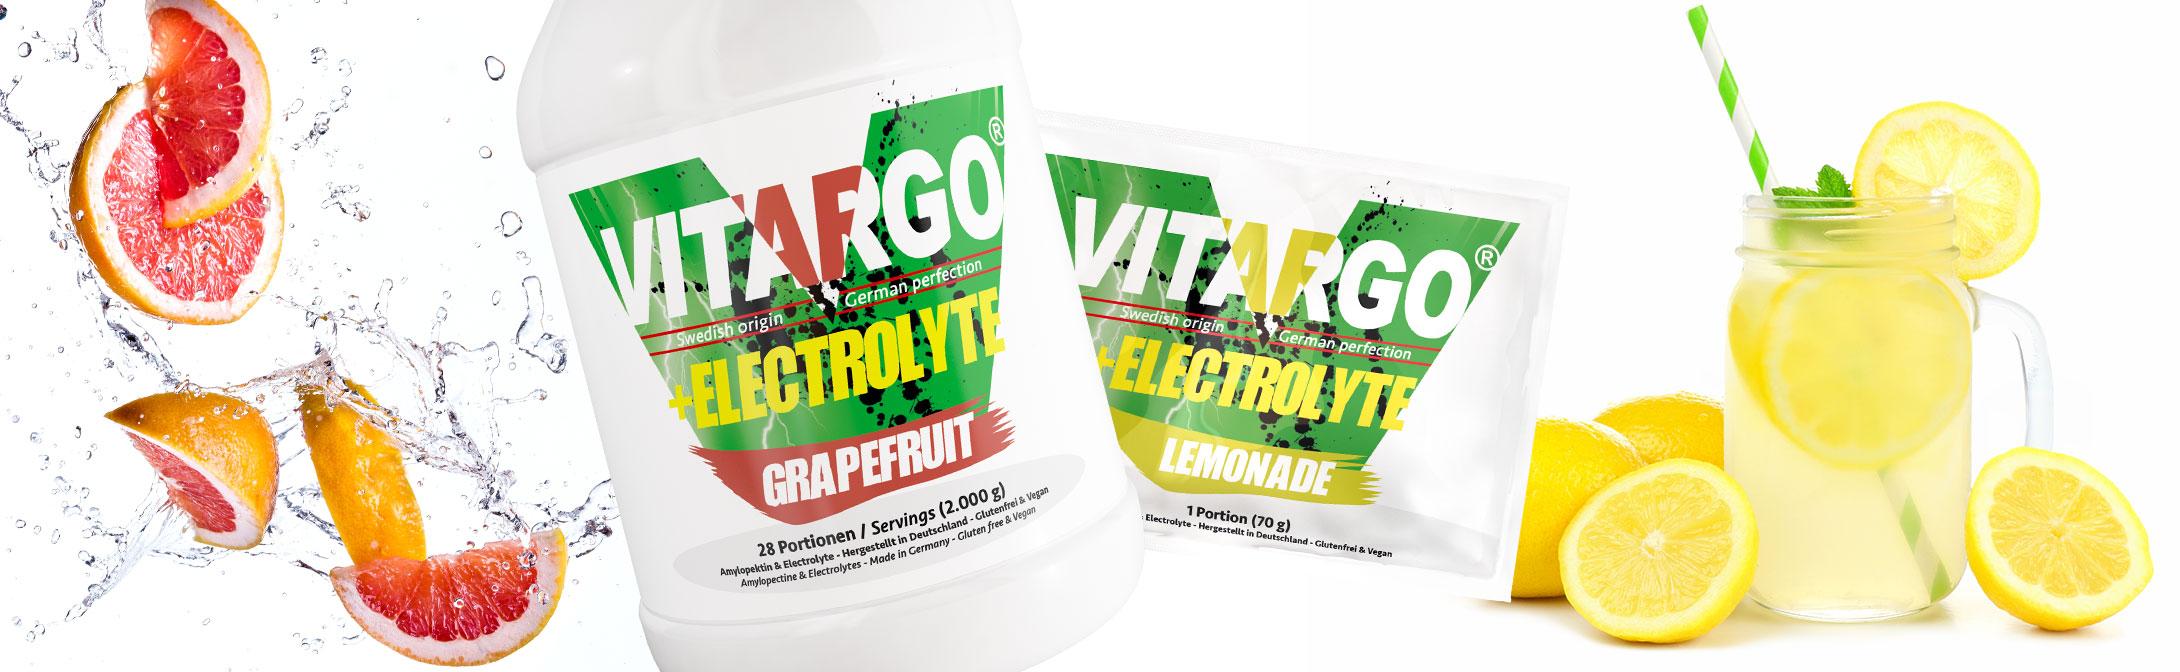 Vitargo +Elektrolyte